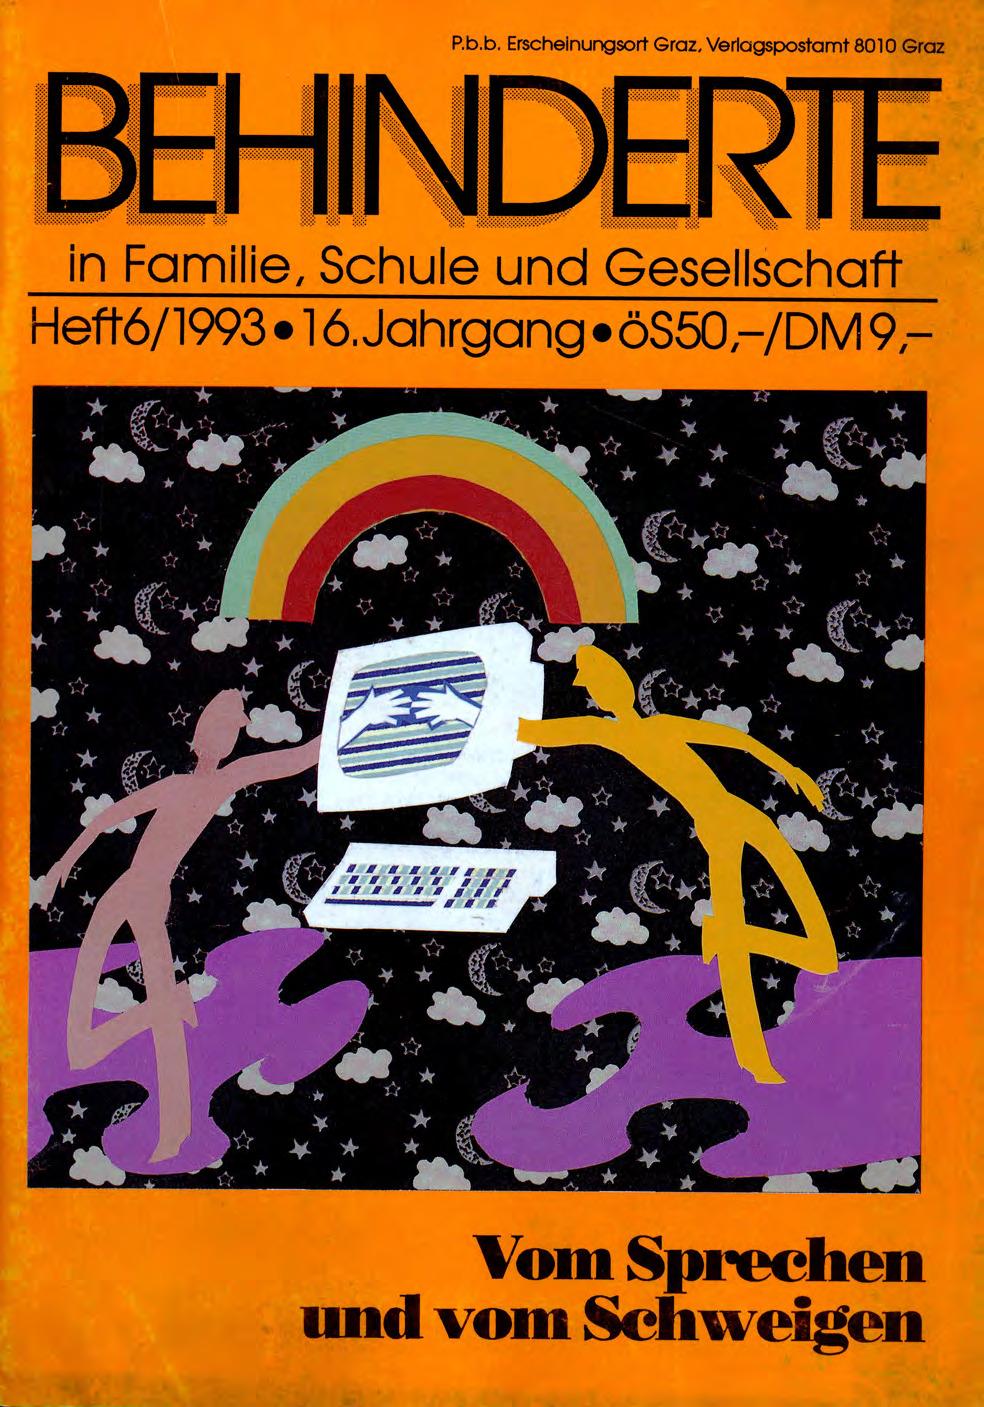 """Titelbild der Zeitschrift BEHINDERTE MENSCHEN, Ausgabe 6/1993 """"Vom Sprechen und vom Schweigen"""""""